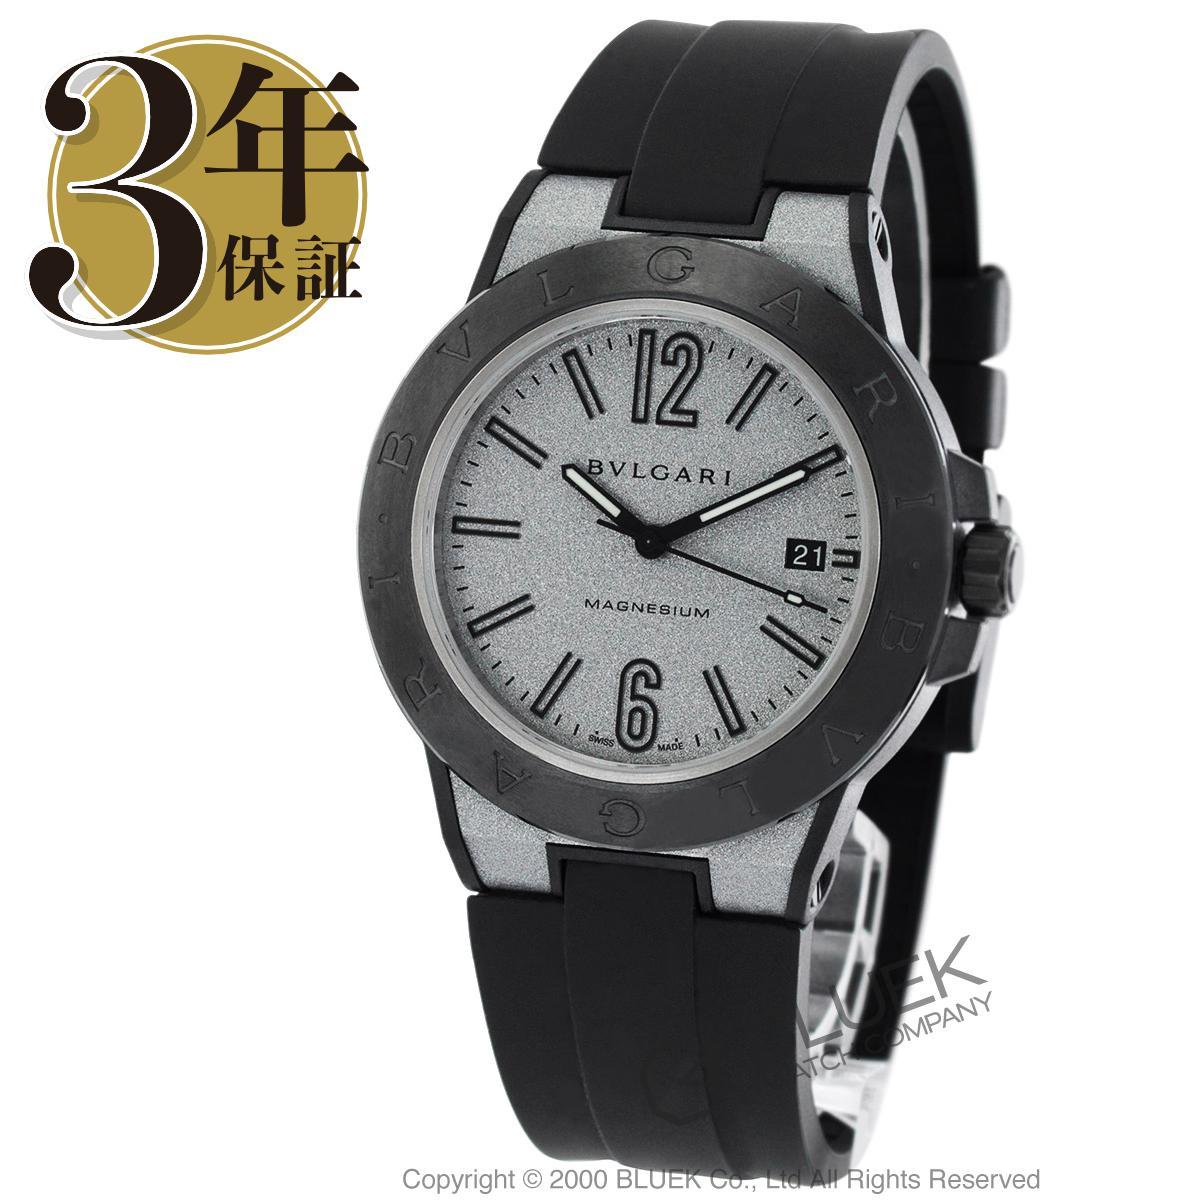 ブルガリ ディアゴノ マグネシウム 腕時計 メンズ BVLGARI DG41C6SMCVD_3